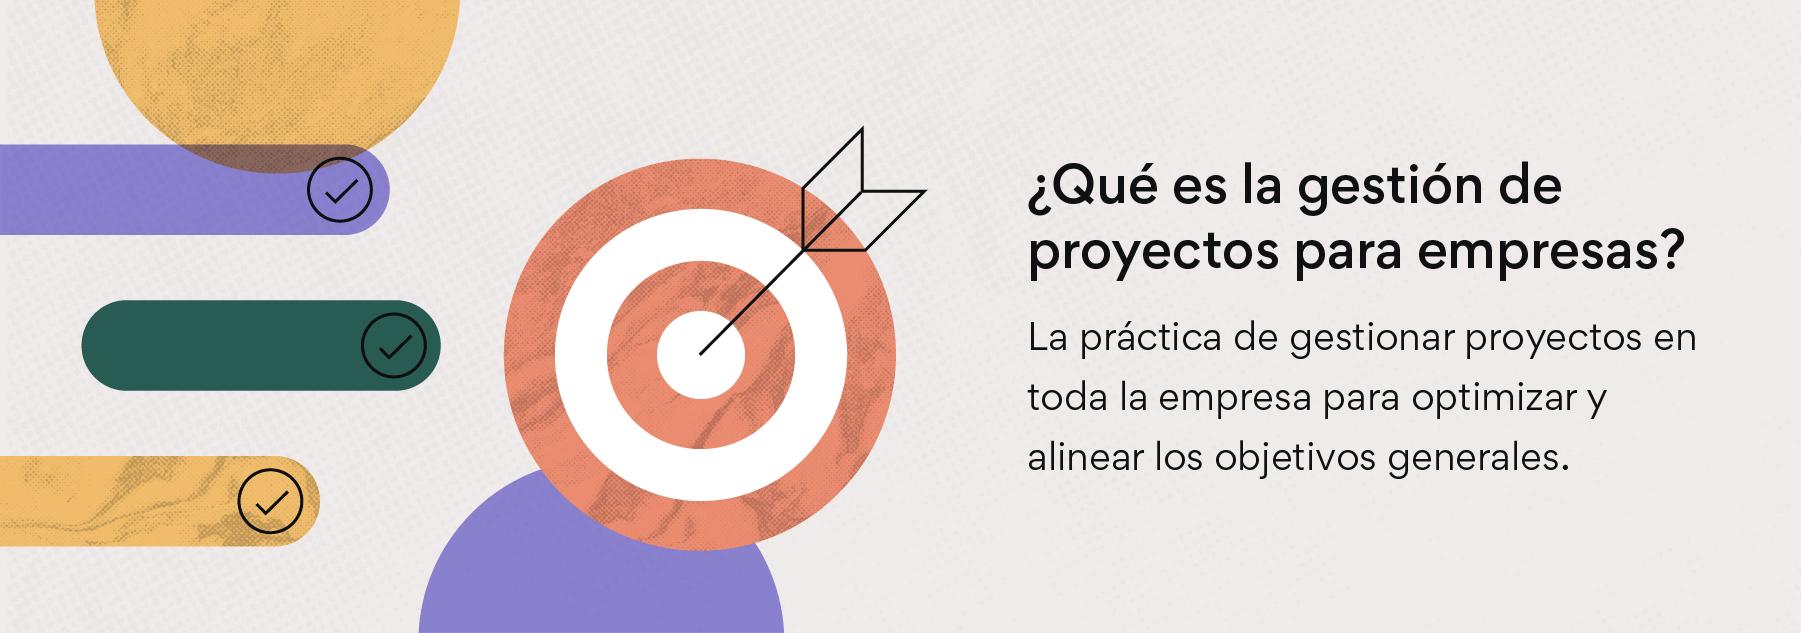 ¿Qué es la gestión de proyectos para empresas?